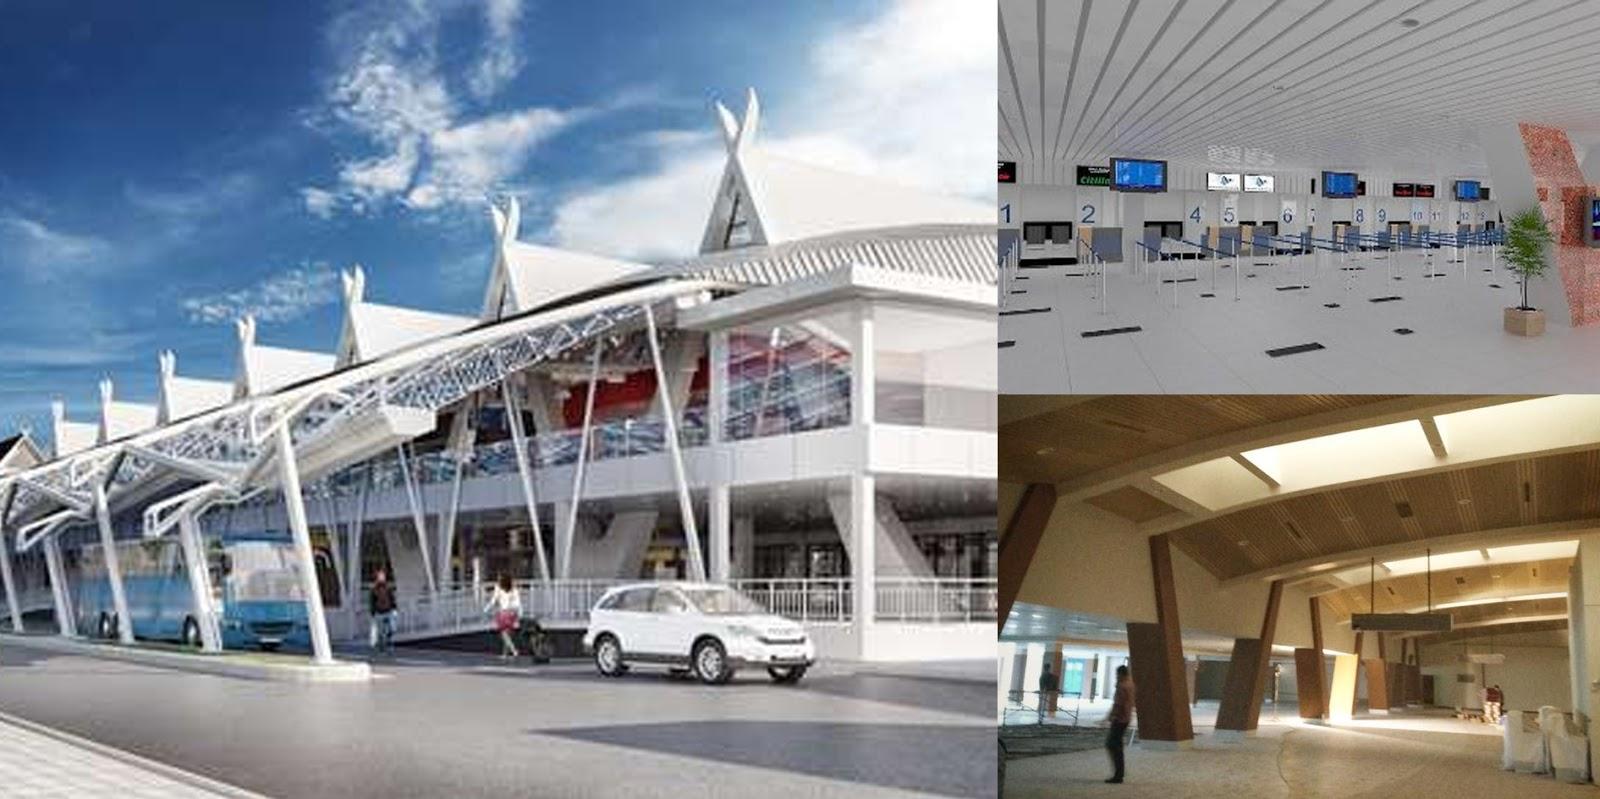 Tampilan Baru Bandara Bandung 2016 Setelah Direnovasi